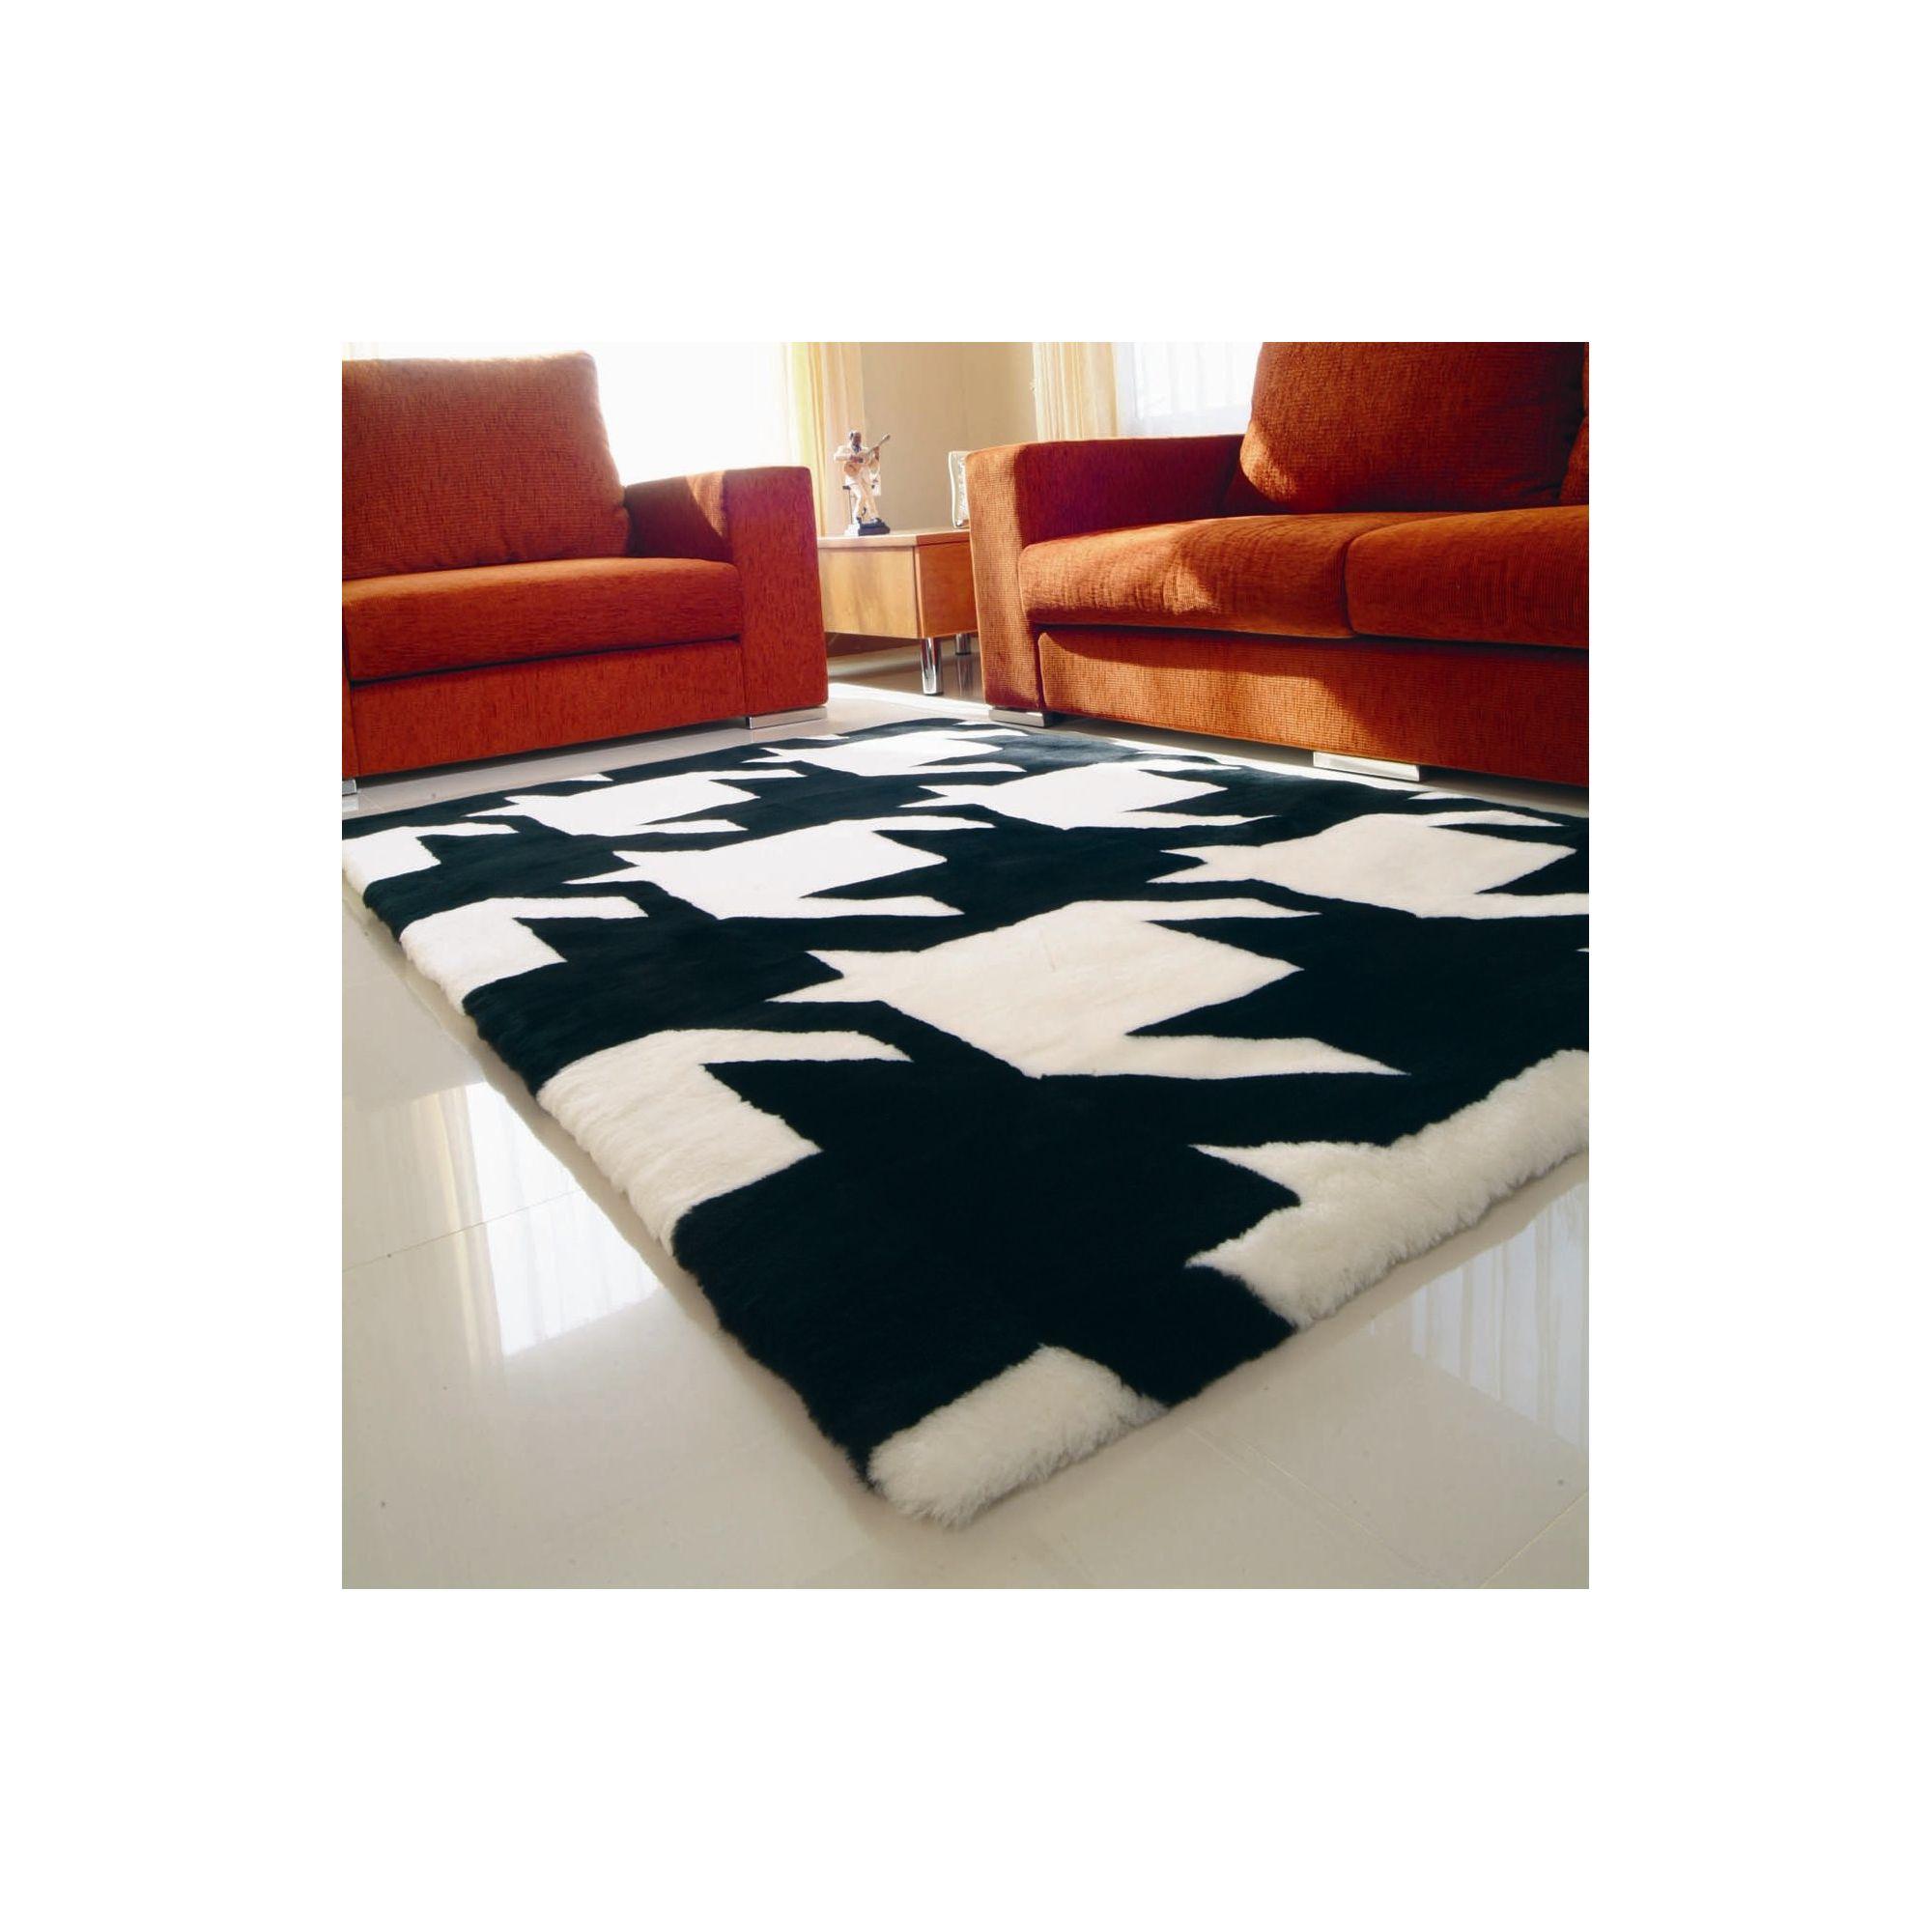 Bowron Sheepskin Shortwool Design Vertigo Rug - 350cm H x 250cm W x 1cm D